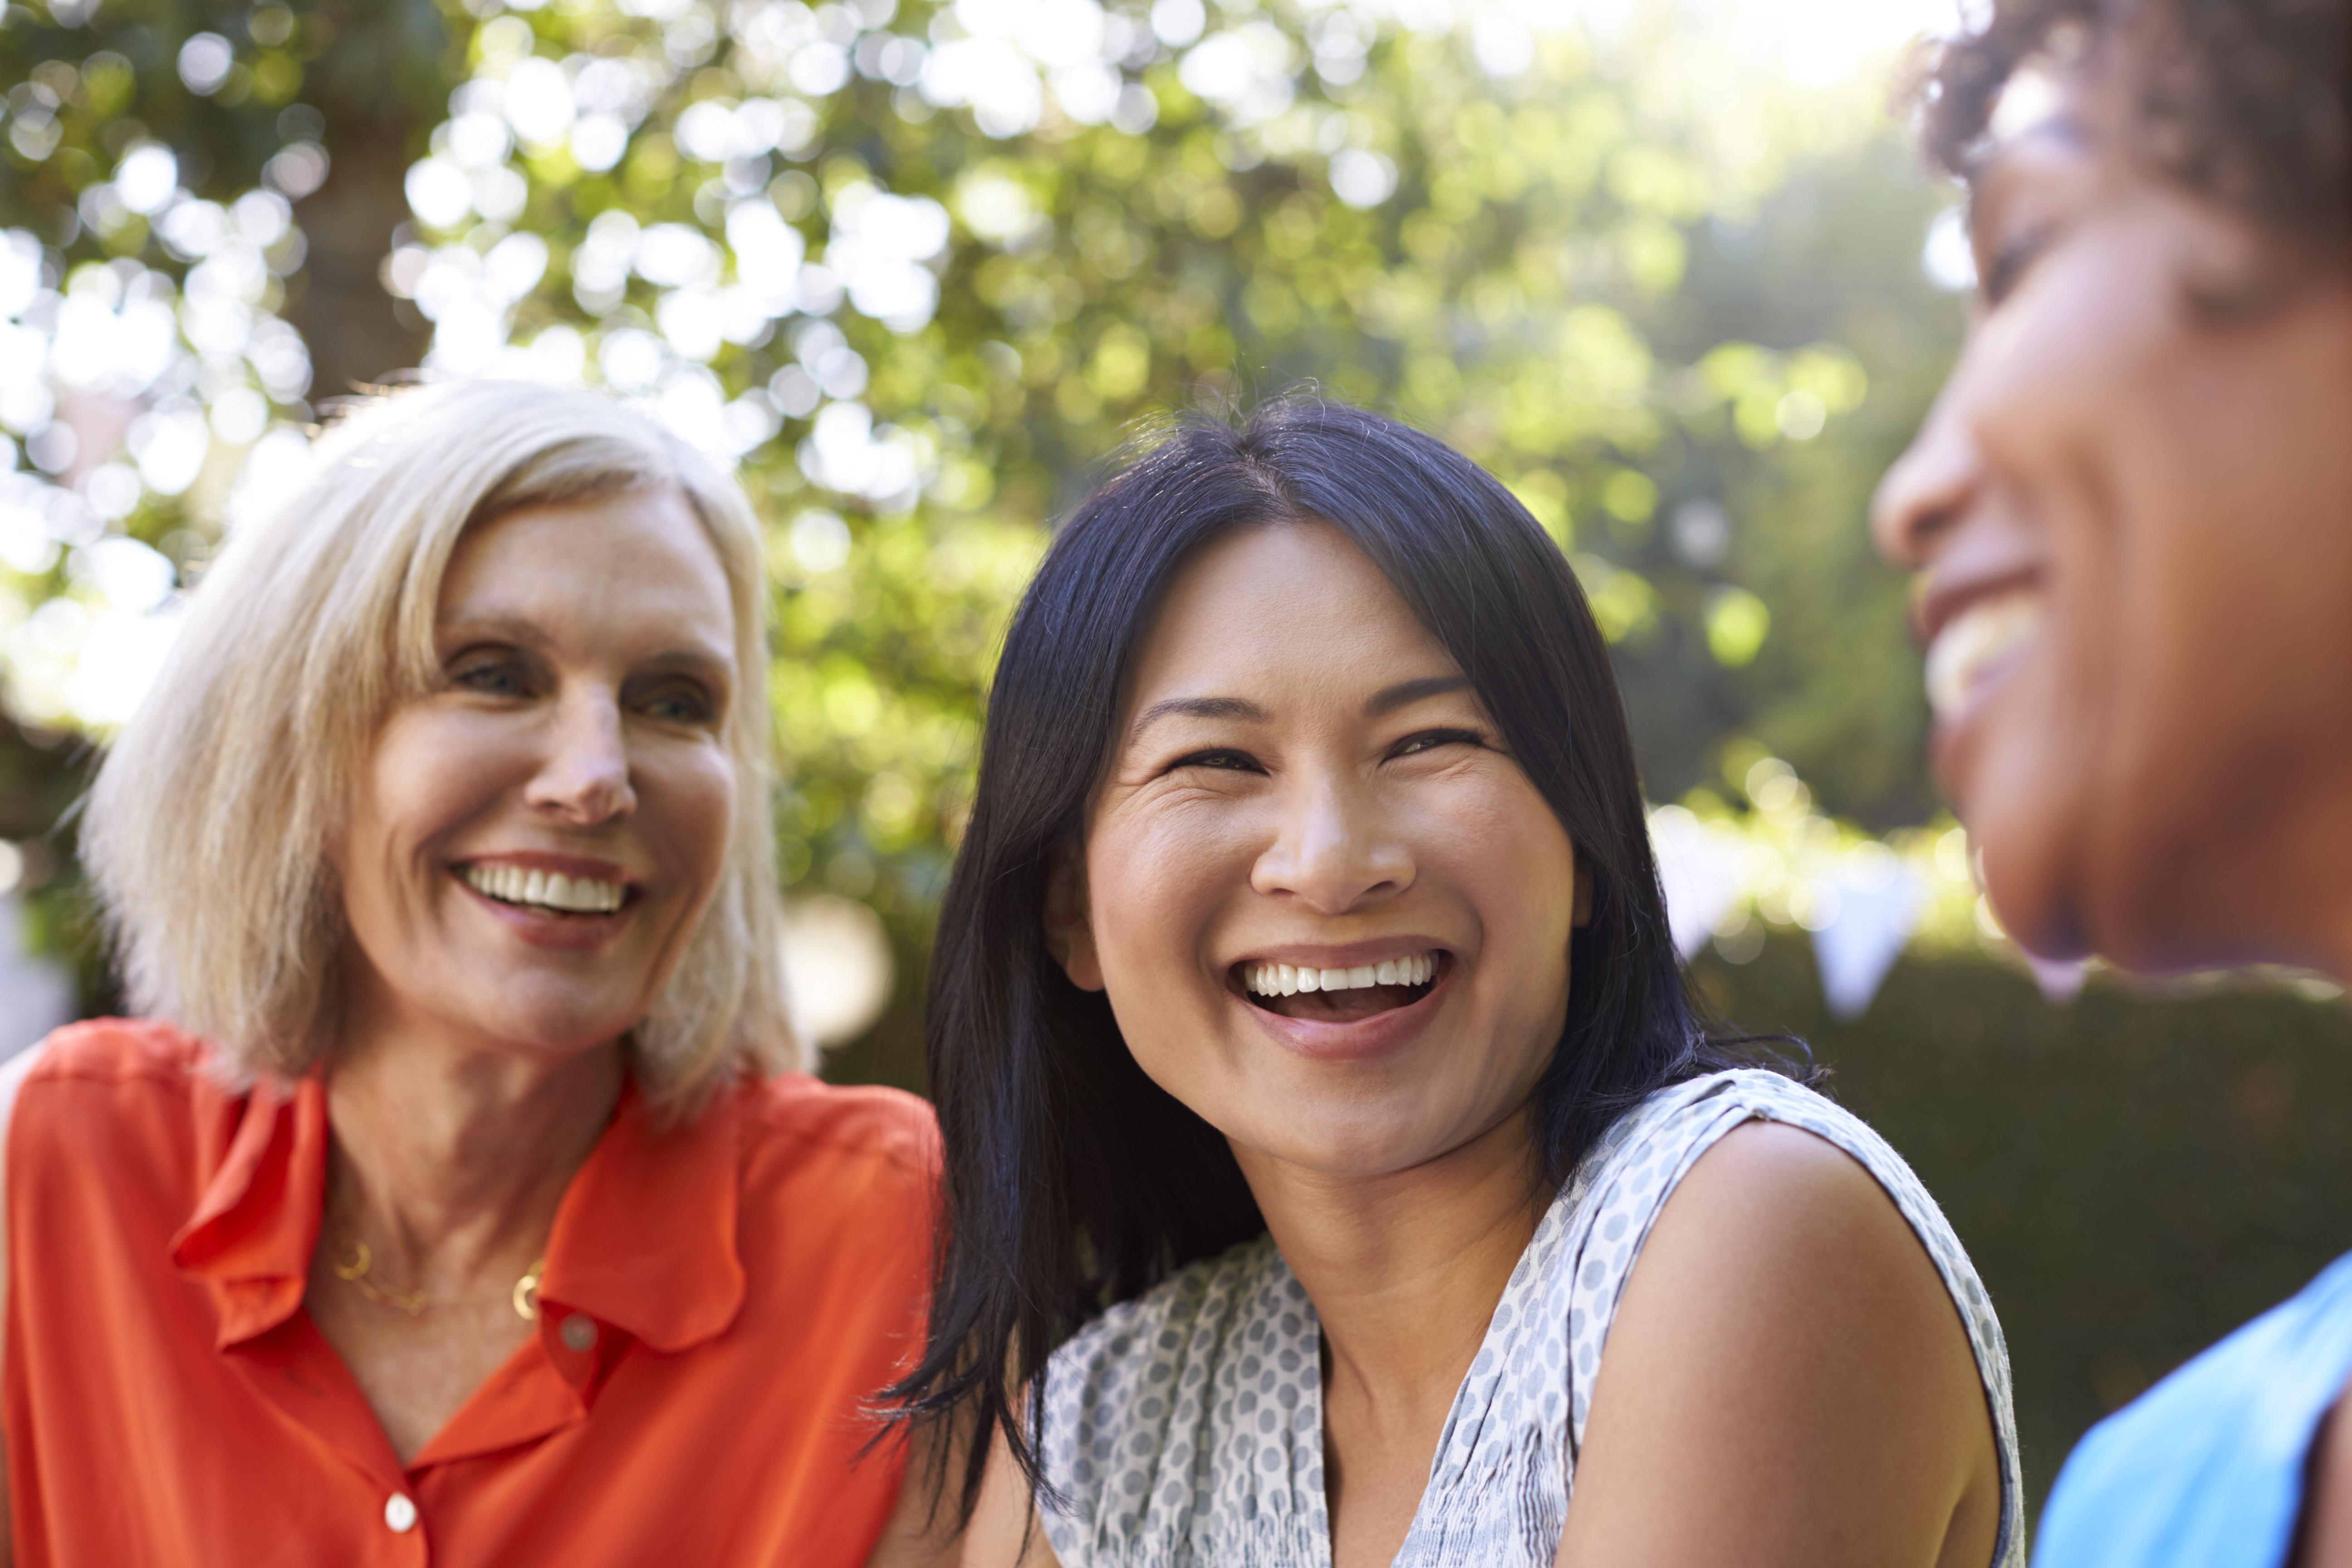 Risk factors for women